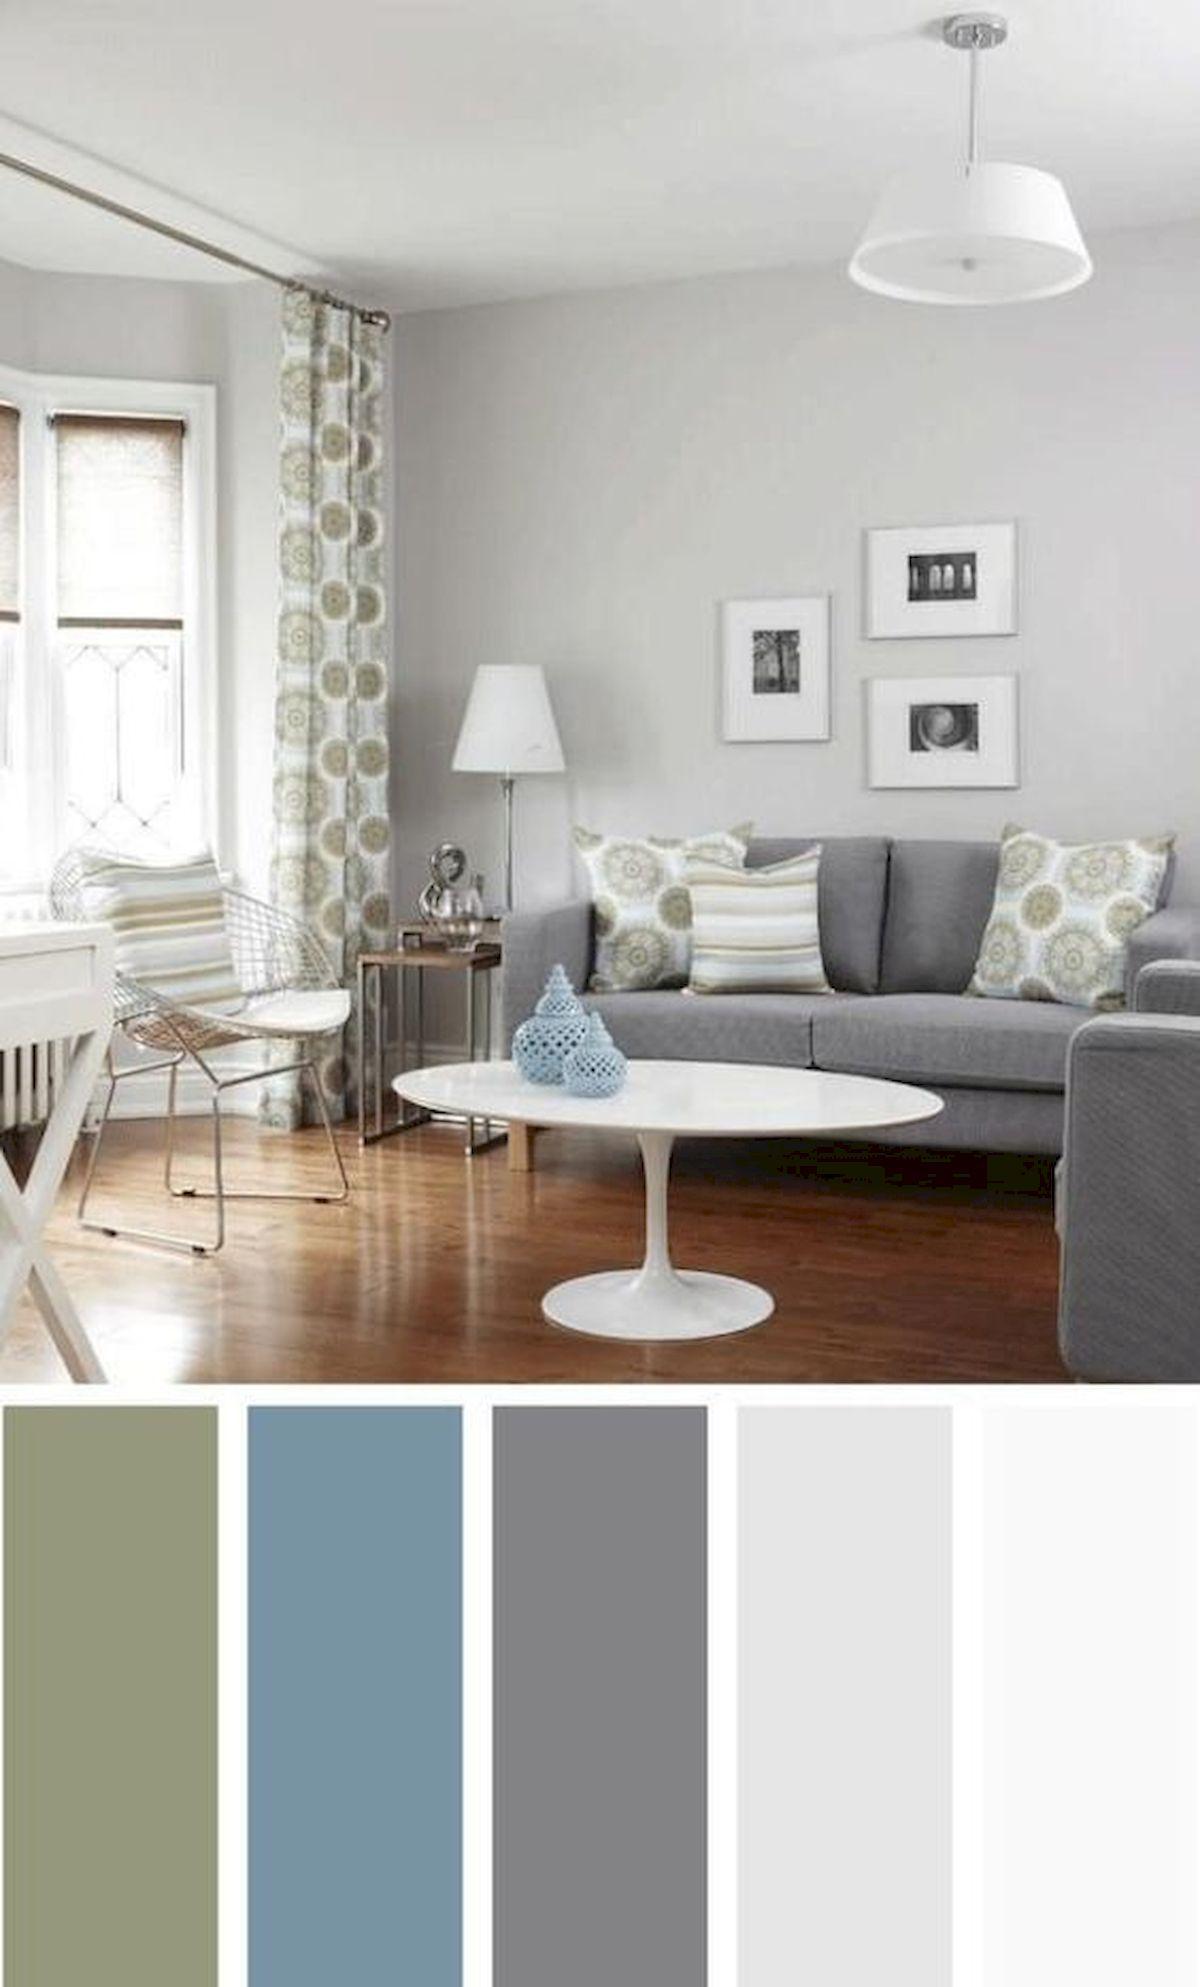 40 gorgeous living room color schemes ideas living room on living room color ideas id=54802